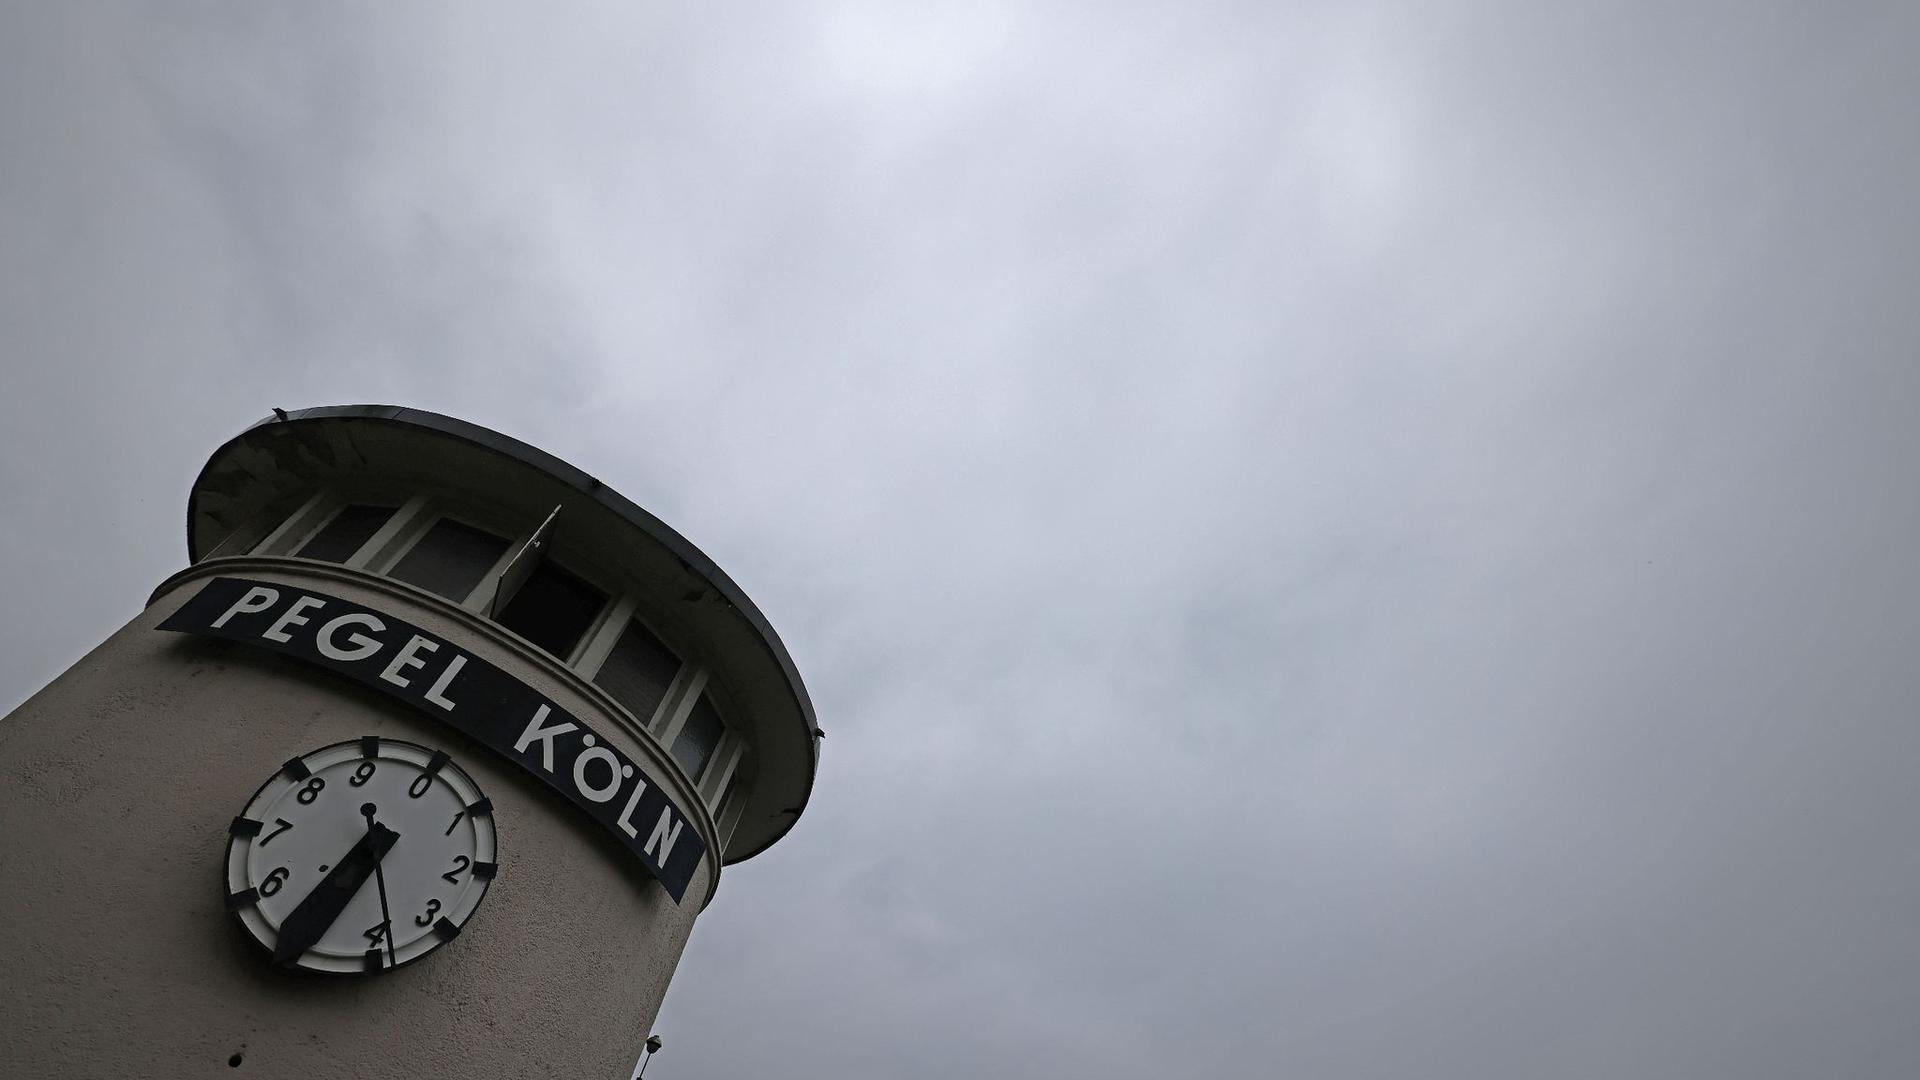 Wolken ziehen über eine Pegeluhr in Köln hinweg. In Nordrhein-Westfalen drohen in den nächsten Tagen Gewitter und Schauer.